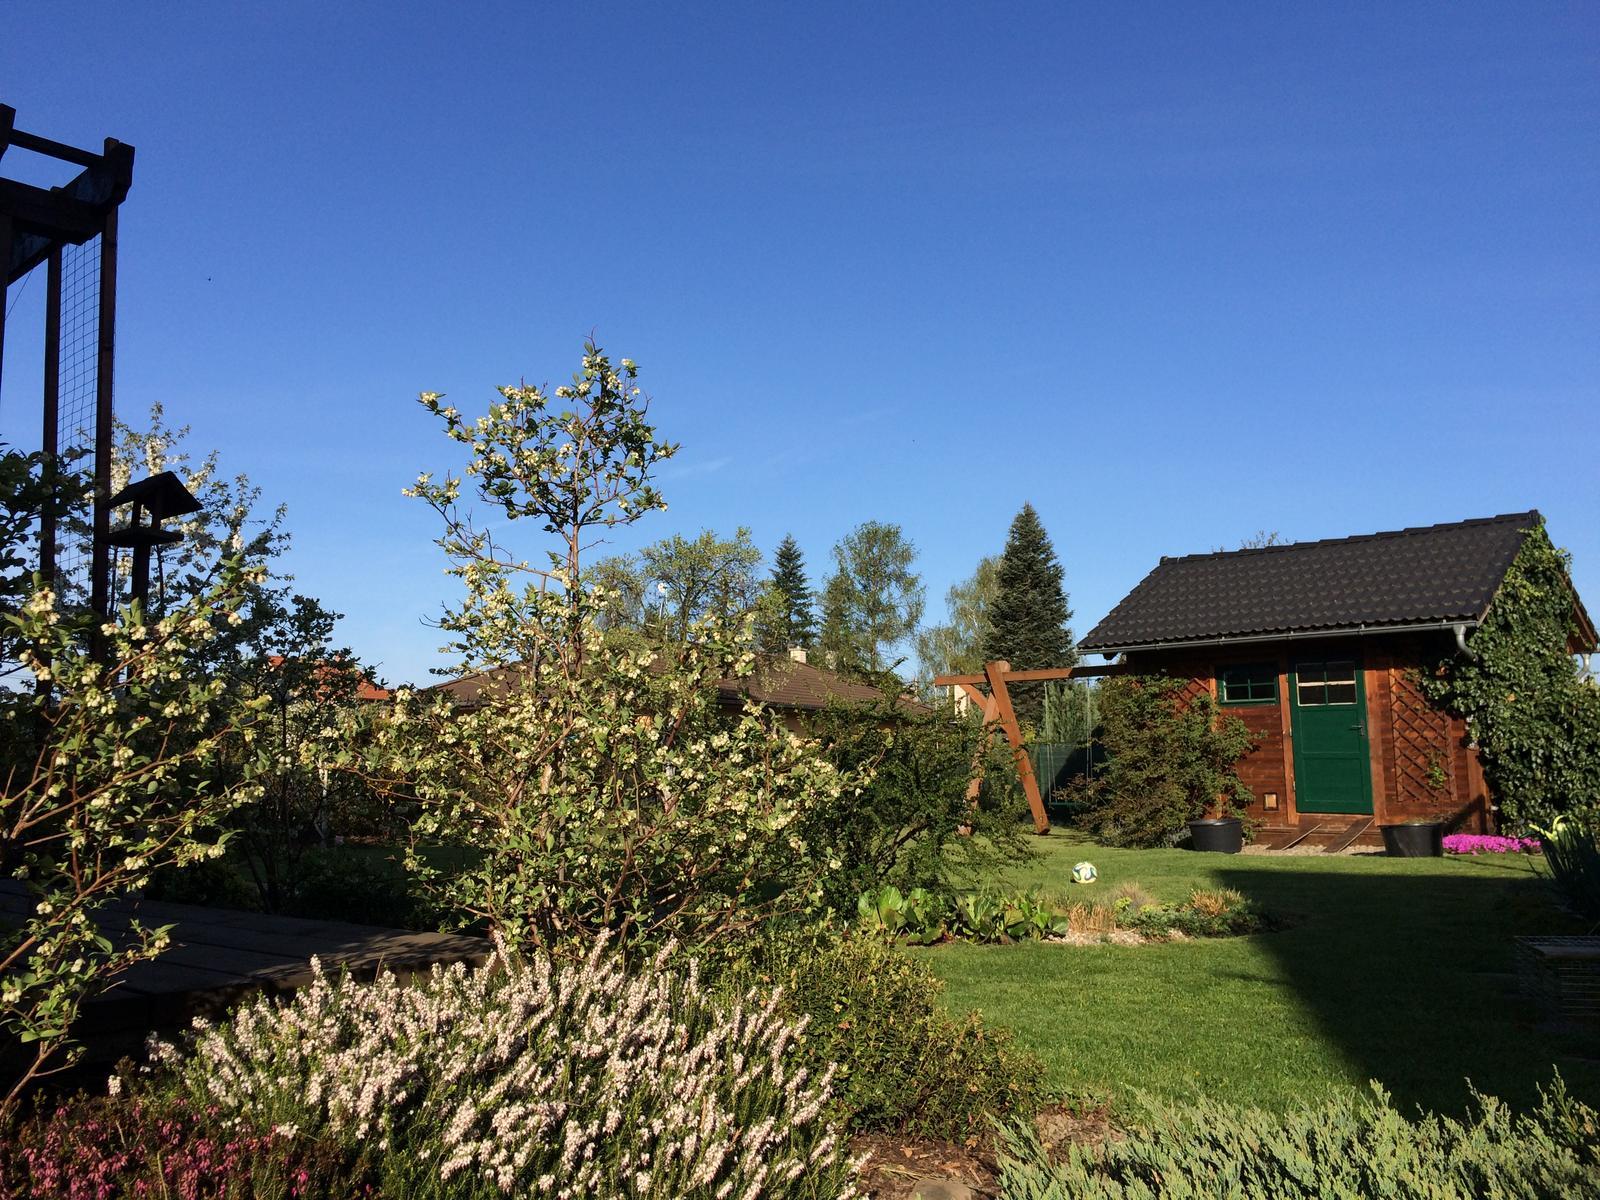 Dům i Zahrada 2019 - Obrázek č. 173